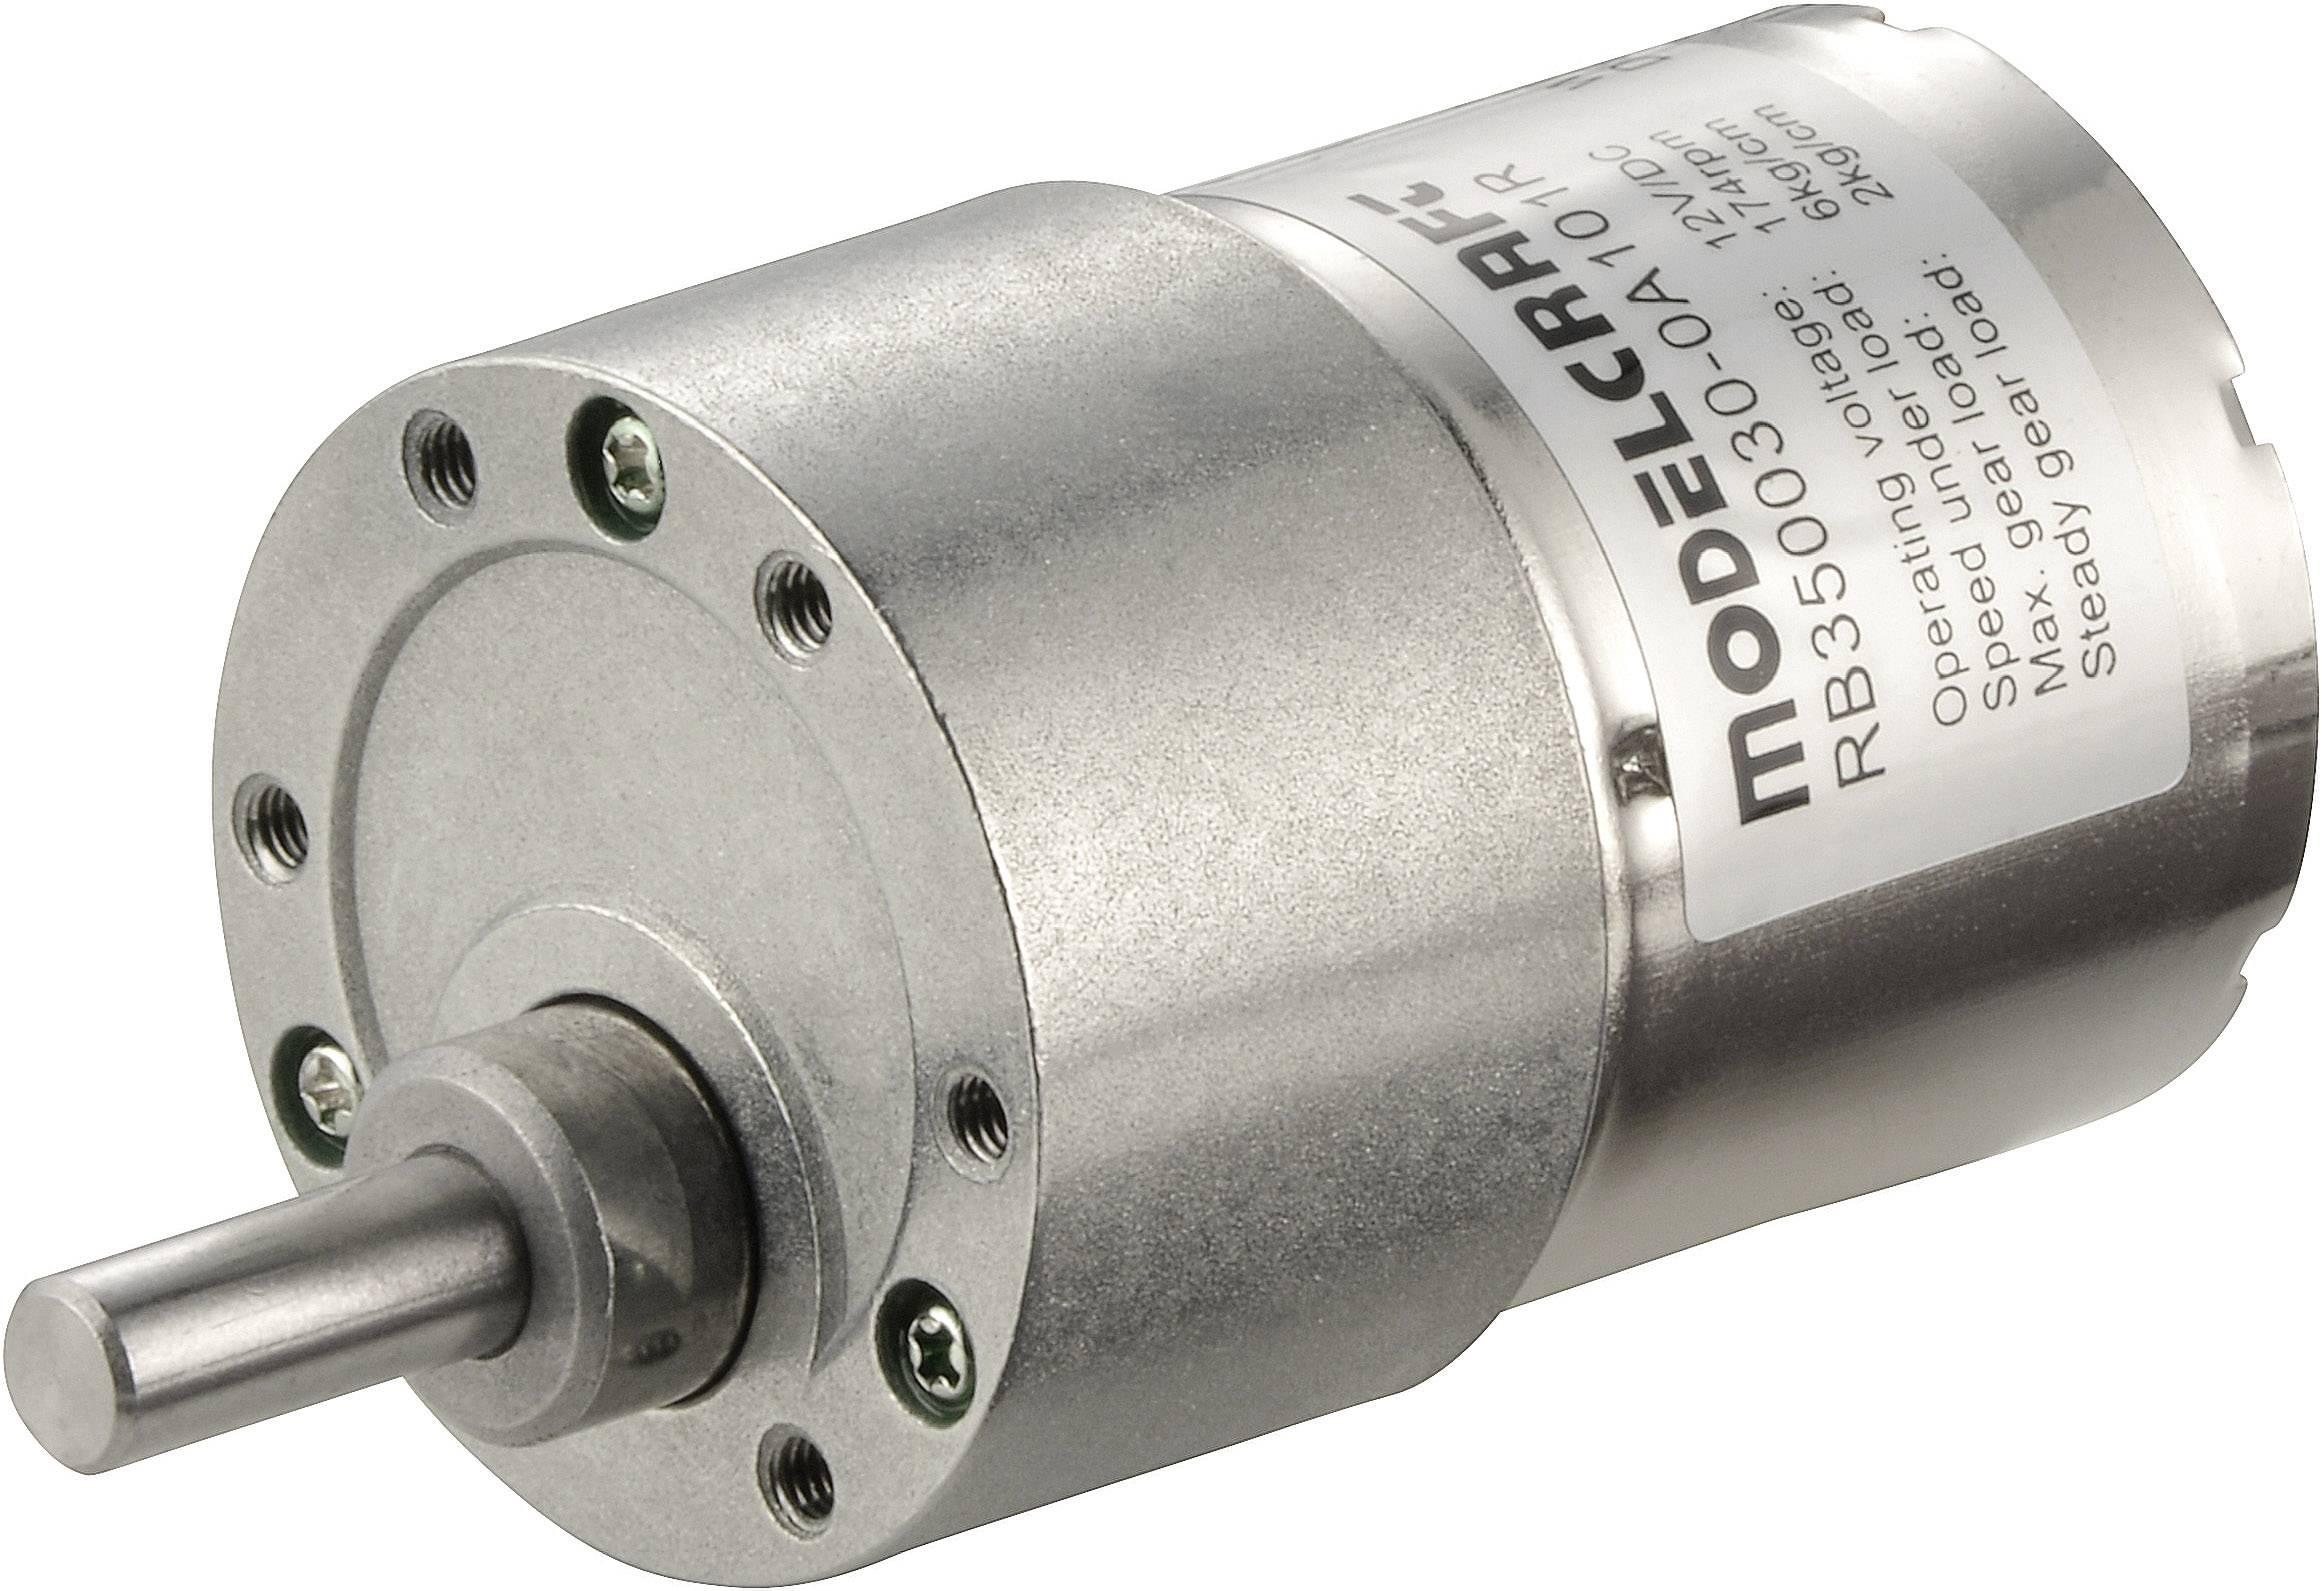 Motor s převodem Modelcraft RB350050-0A101R, 12 V, 50:1